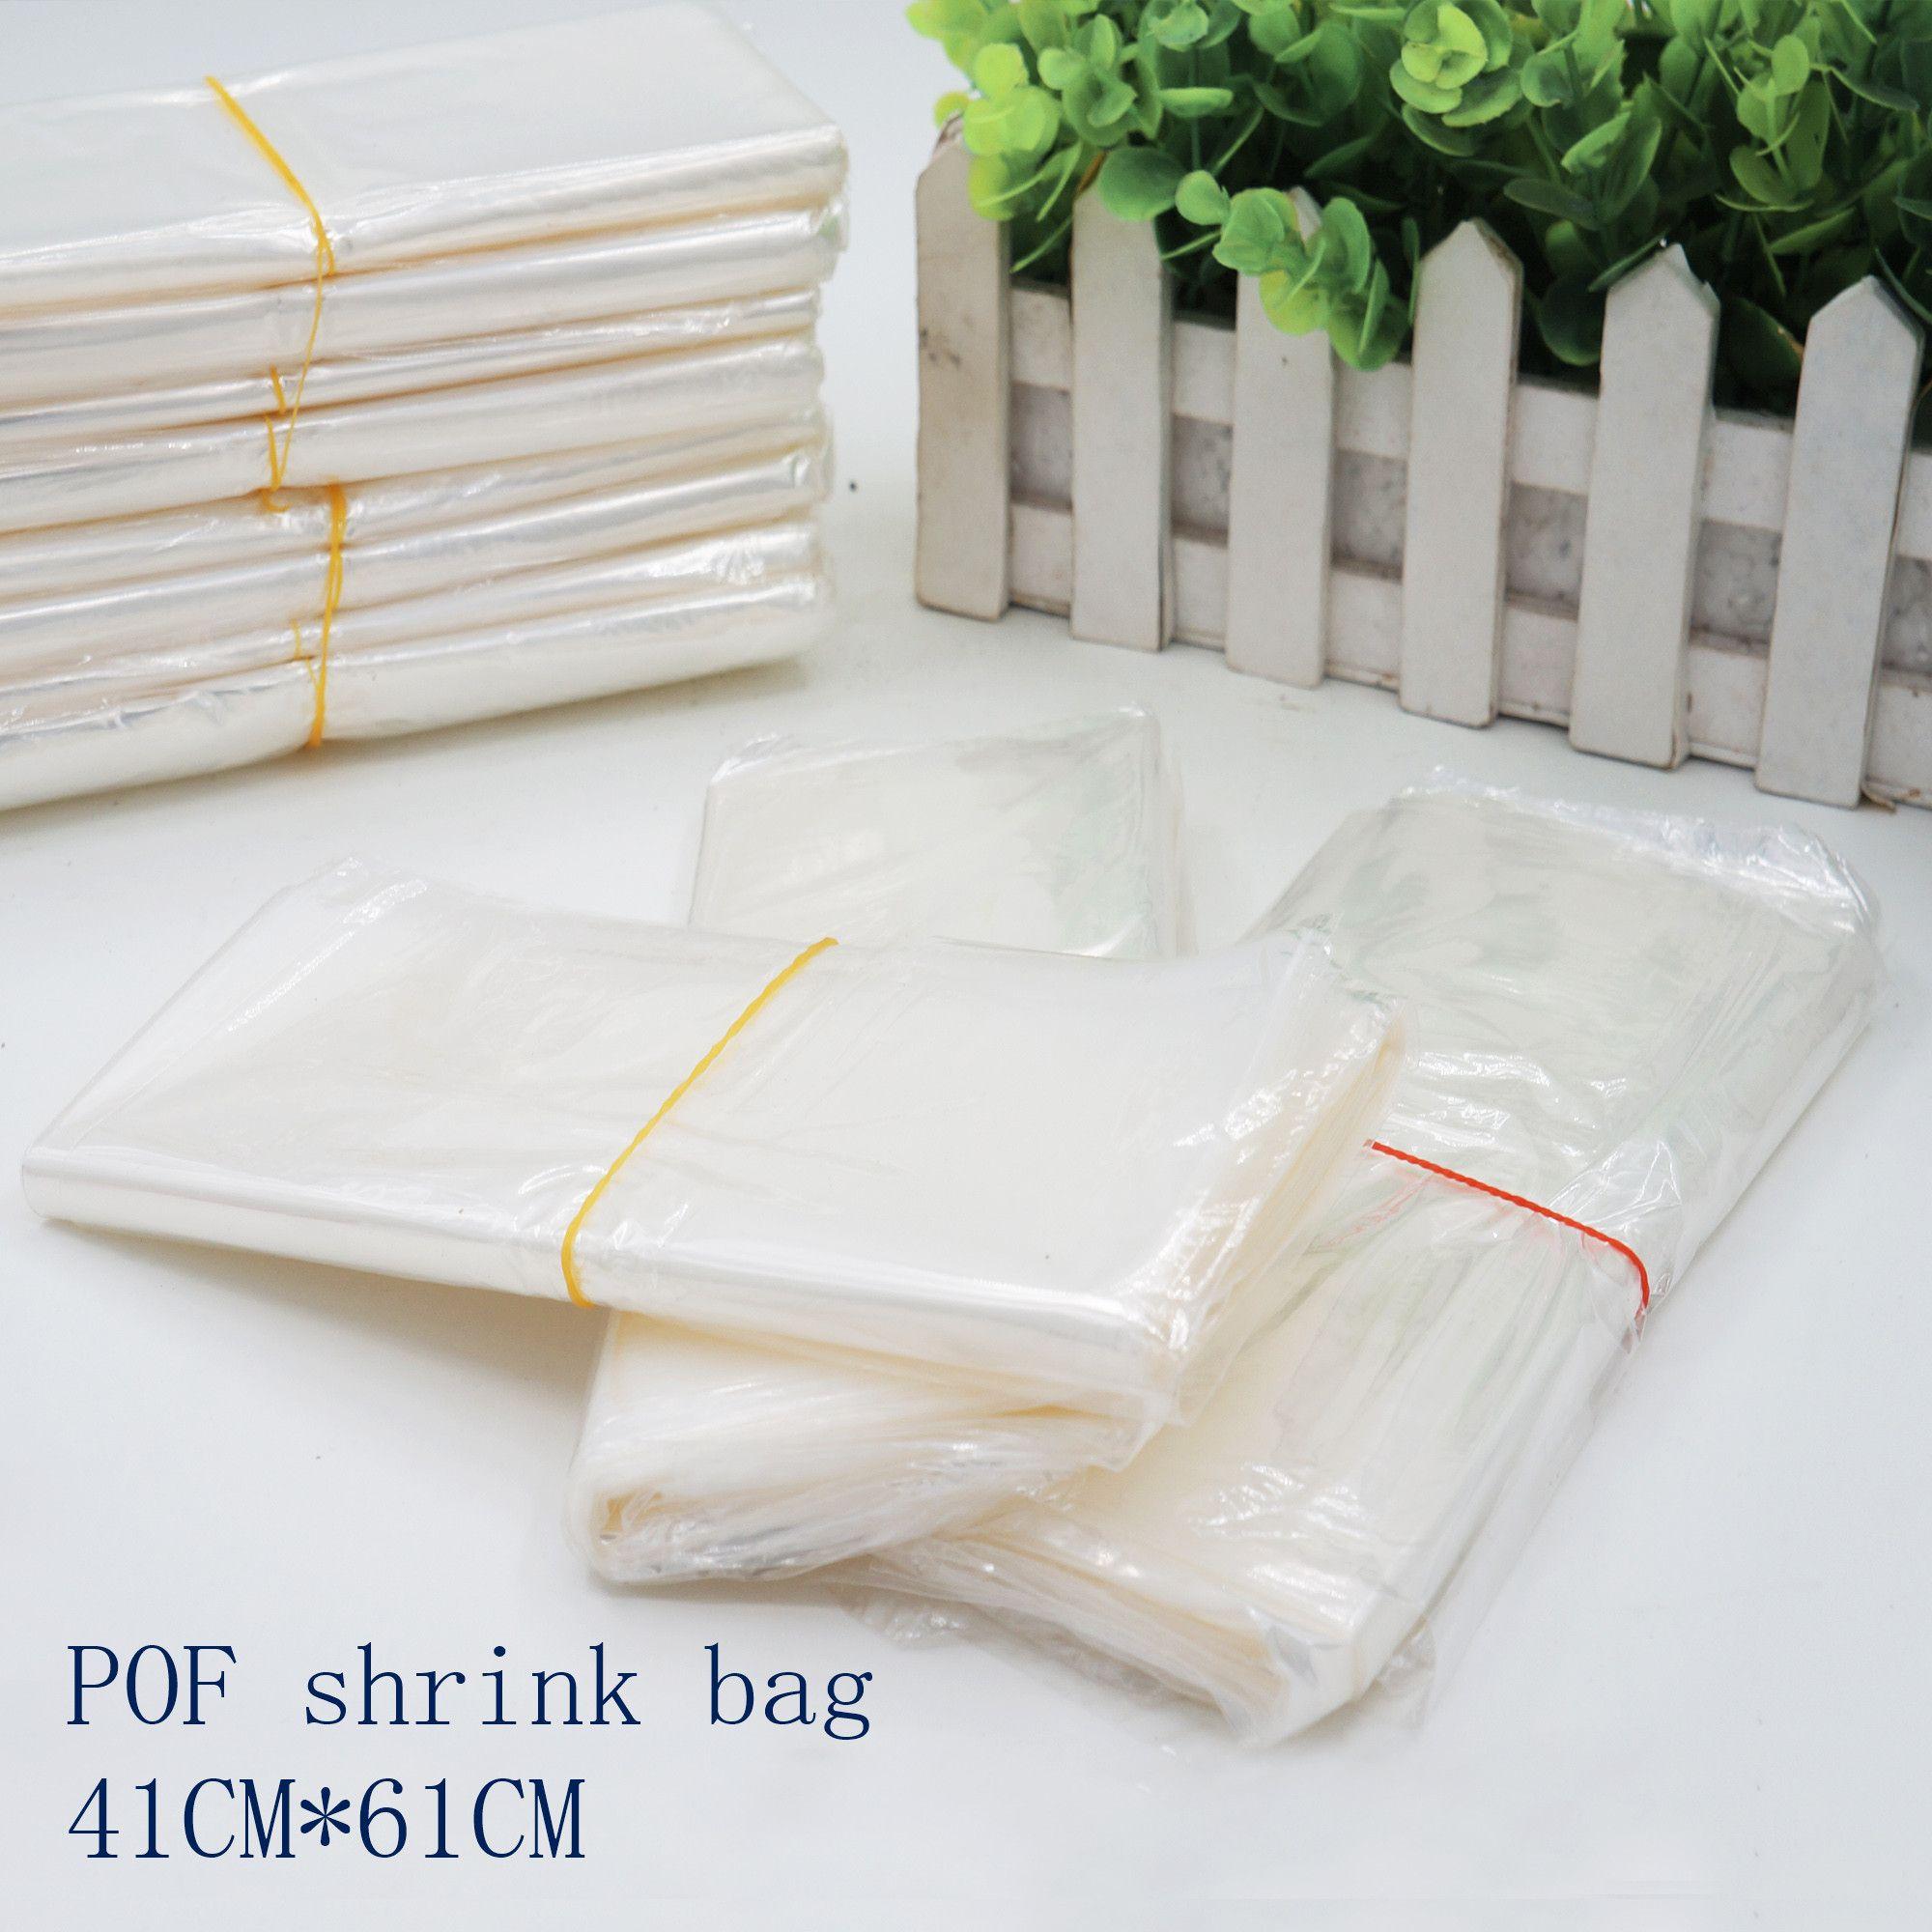 Cosméticos Shrink Wrap Sacos 100 / Calor filme Embalagem 41 * 61CmPof Wrap Bag Wrap Open White Seal POF Plástico Saco De Armazenamento Pacote AGPD